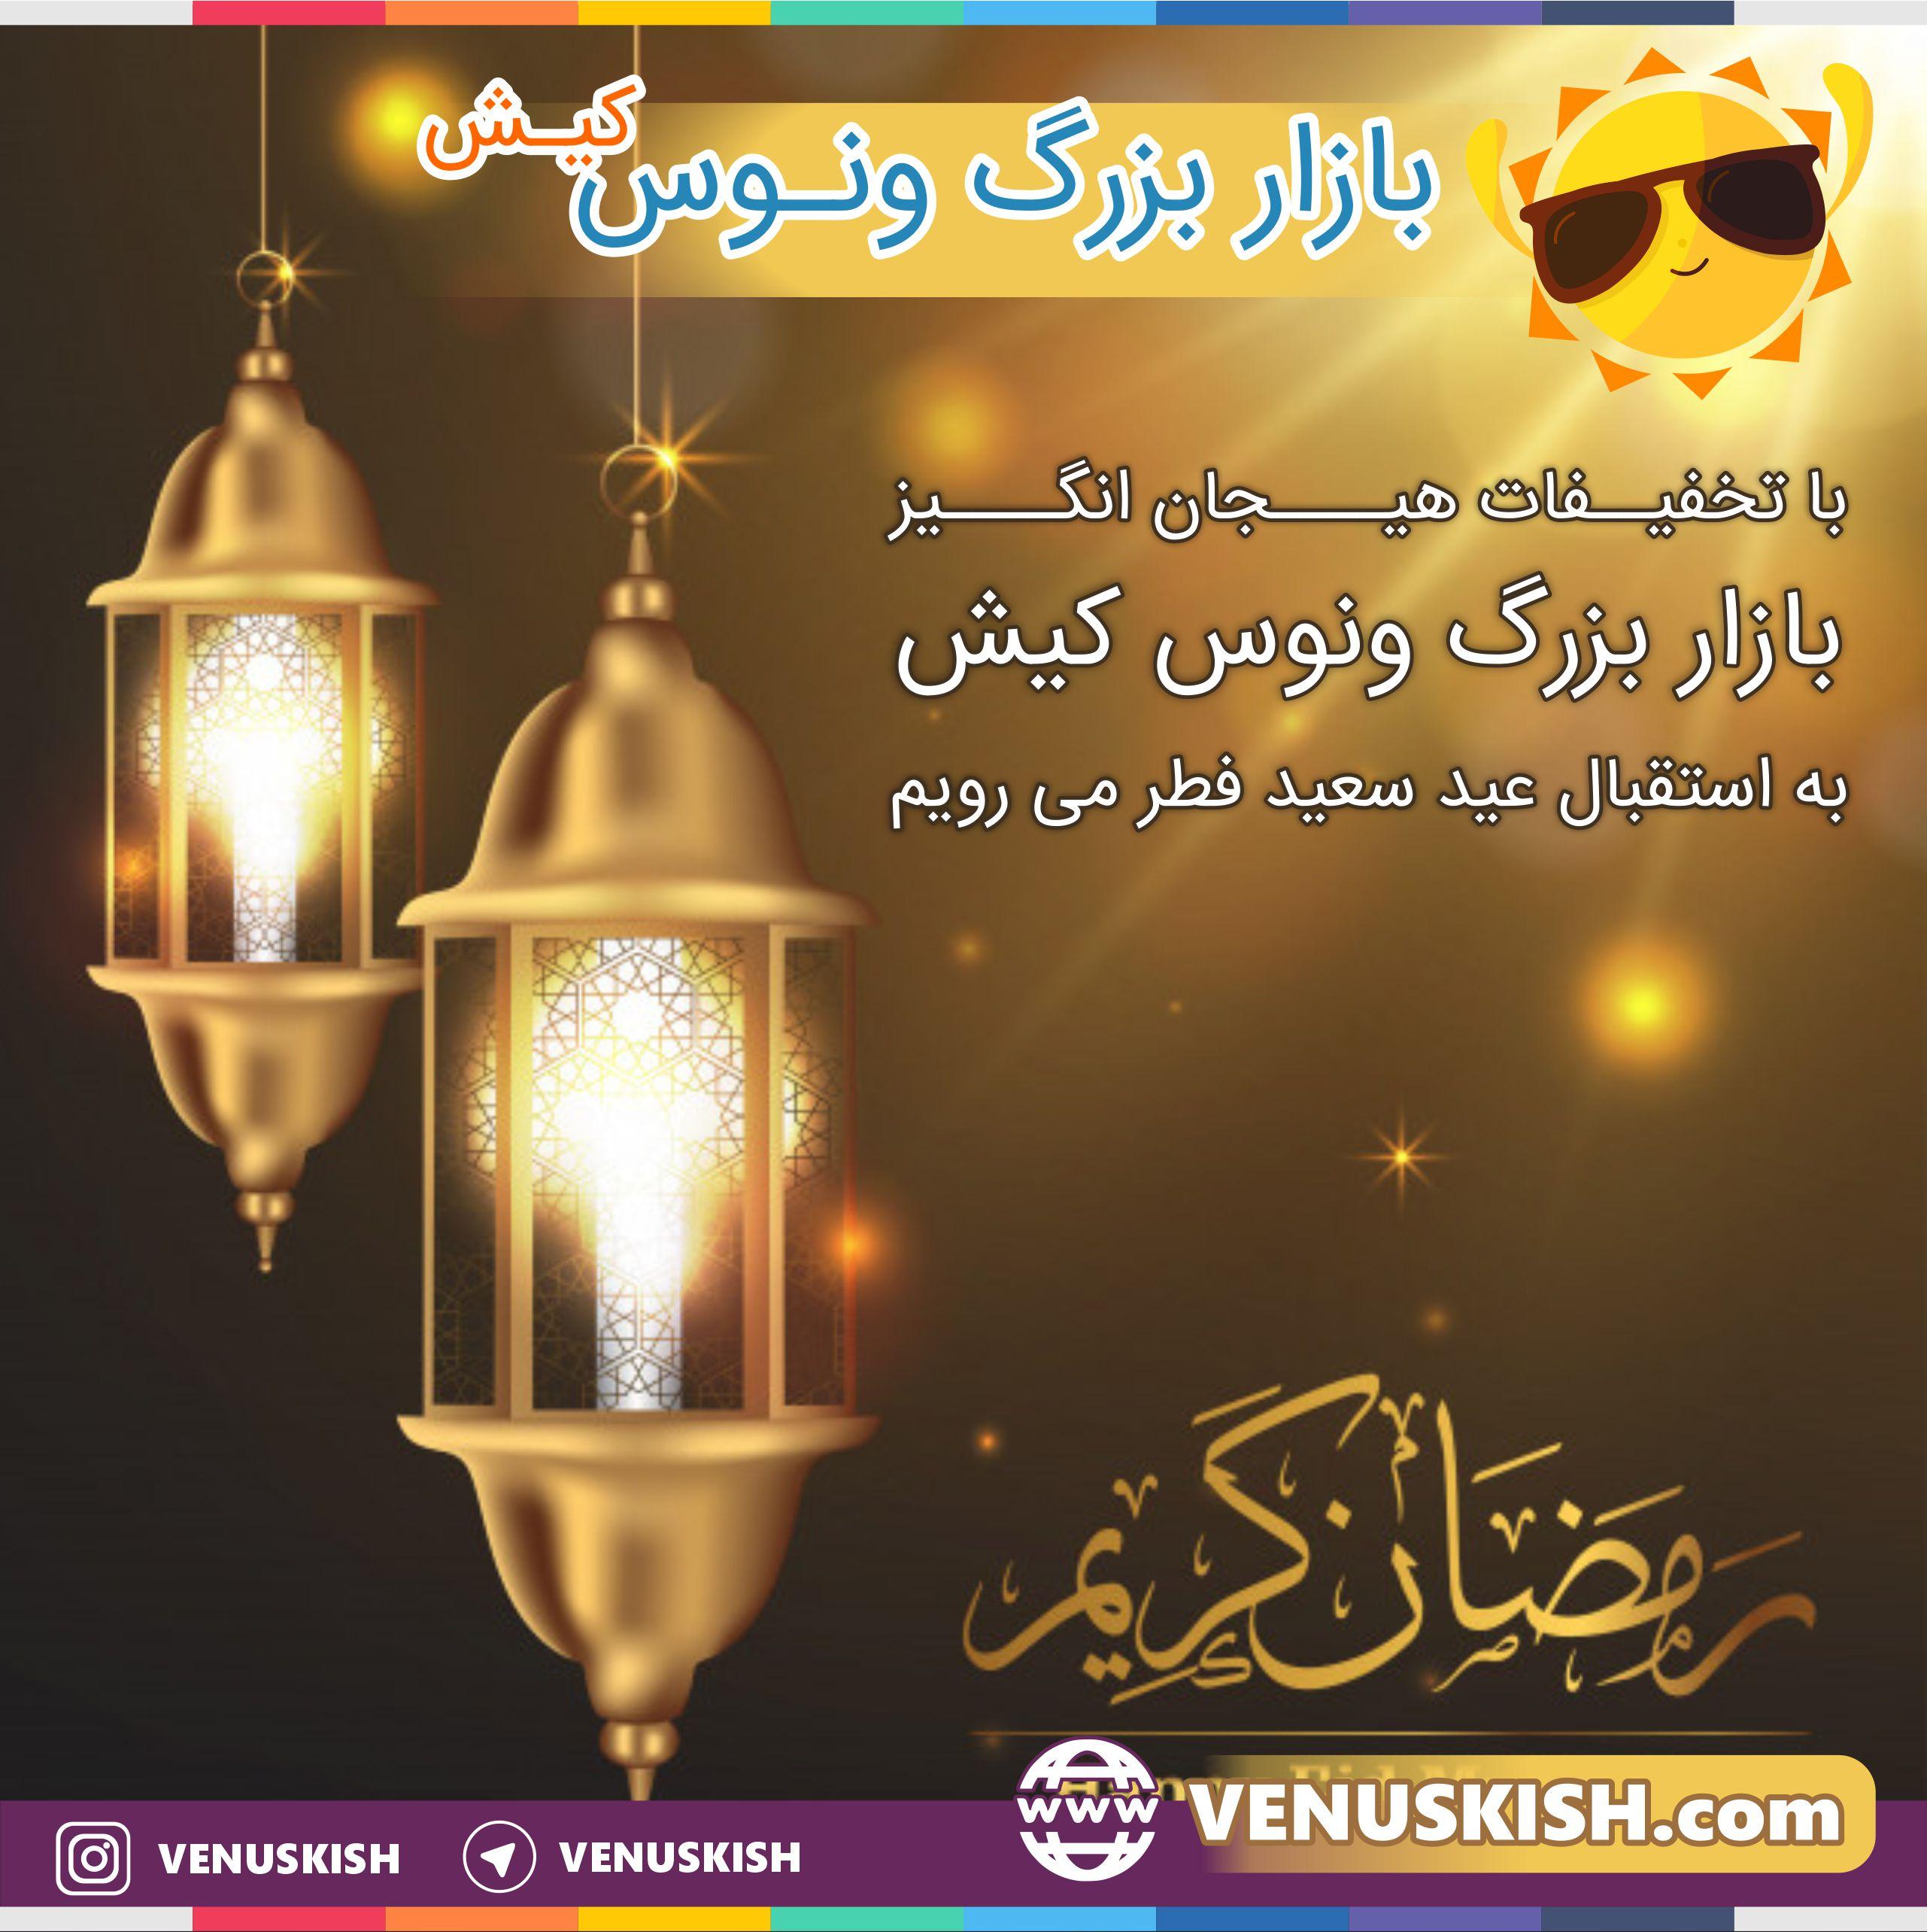 😍👌با تخفیفات هیجان انگیز بازار بزرگ ونوس کیش به استقبال عید سعید فطر می رویم